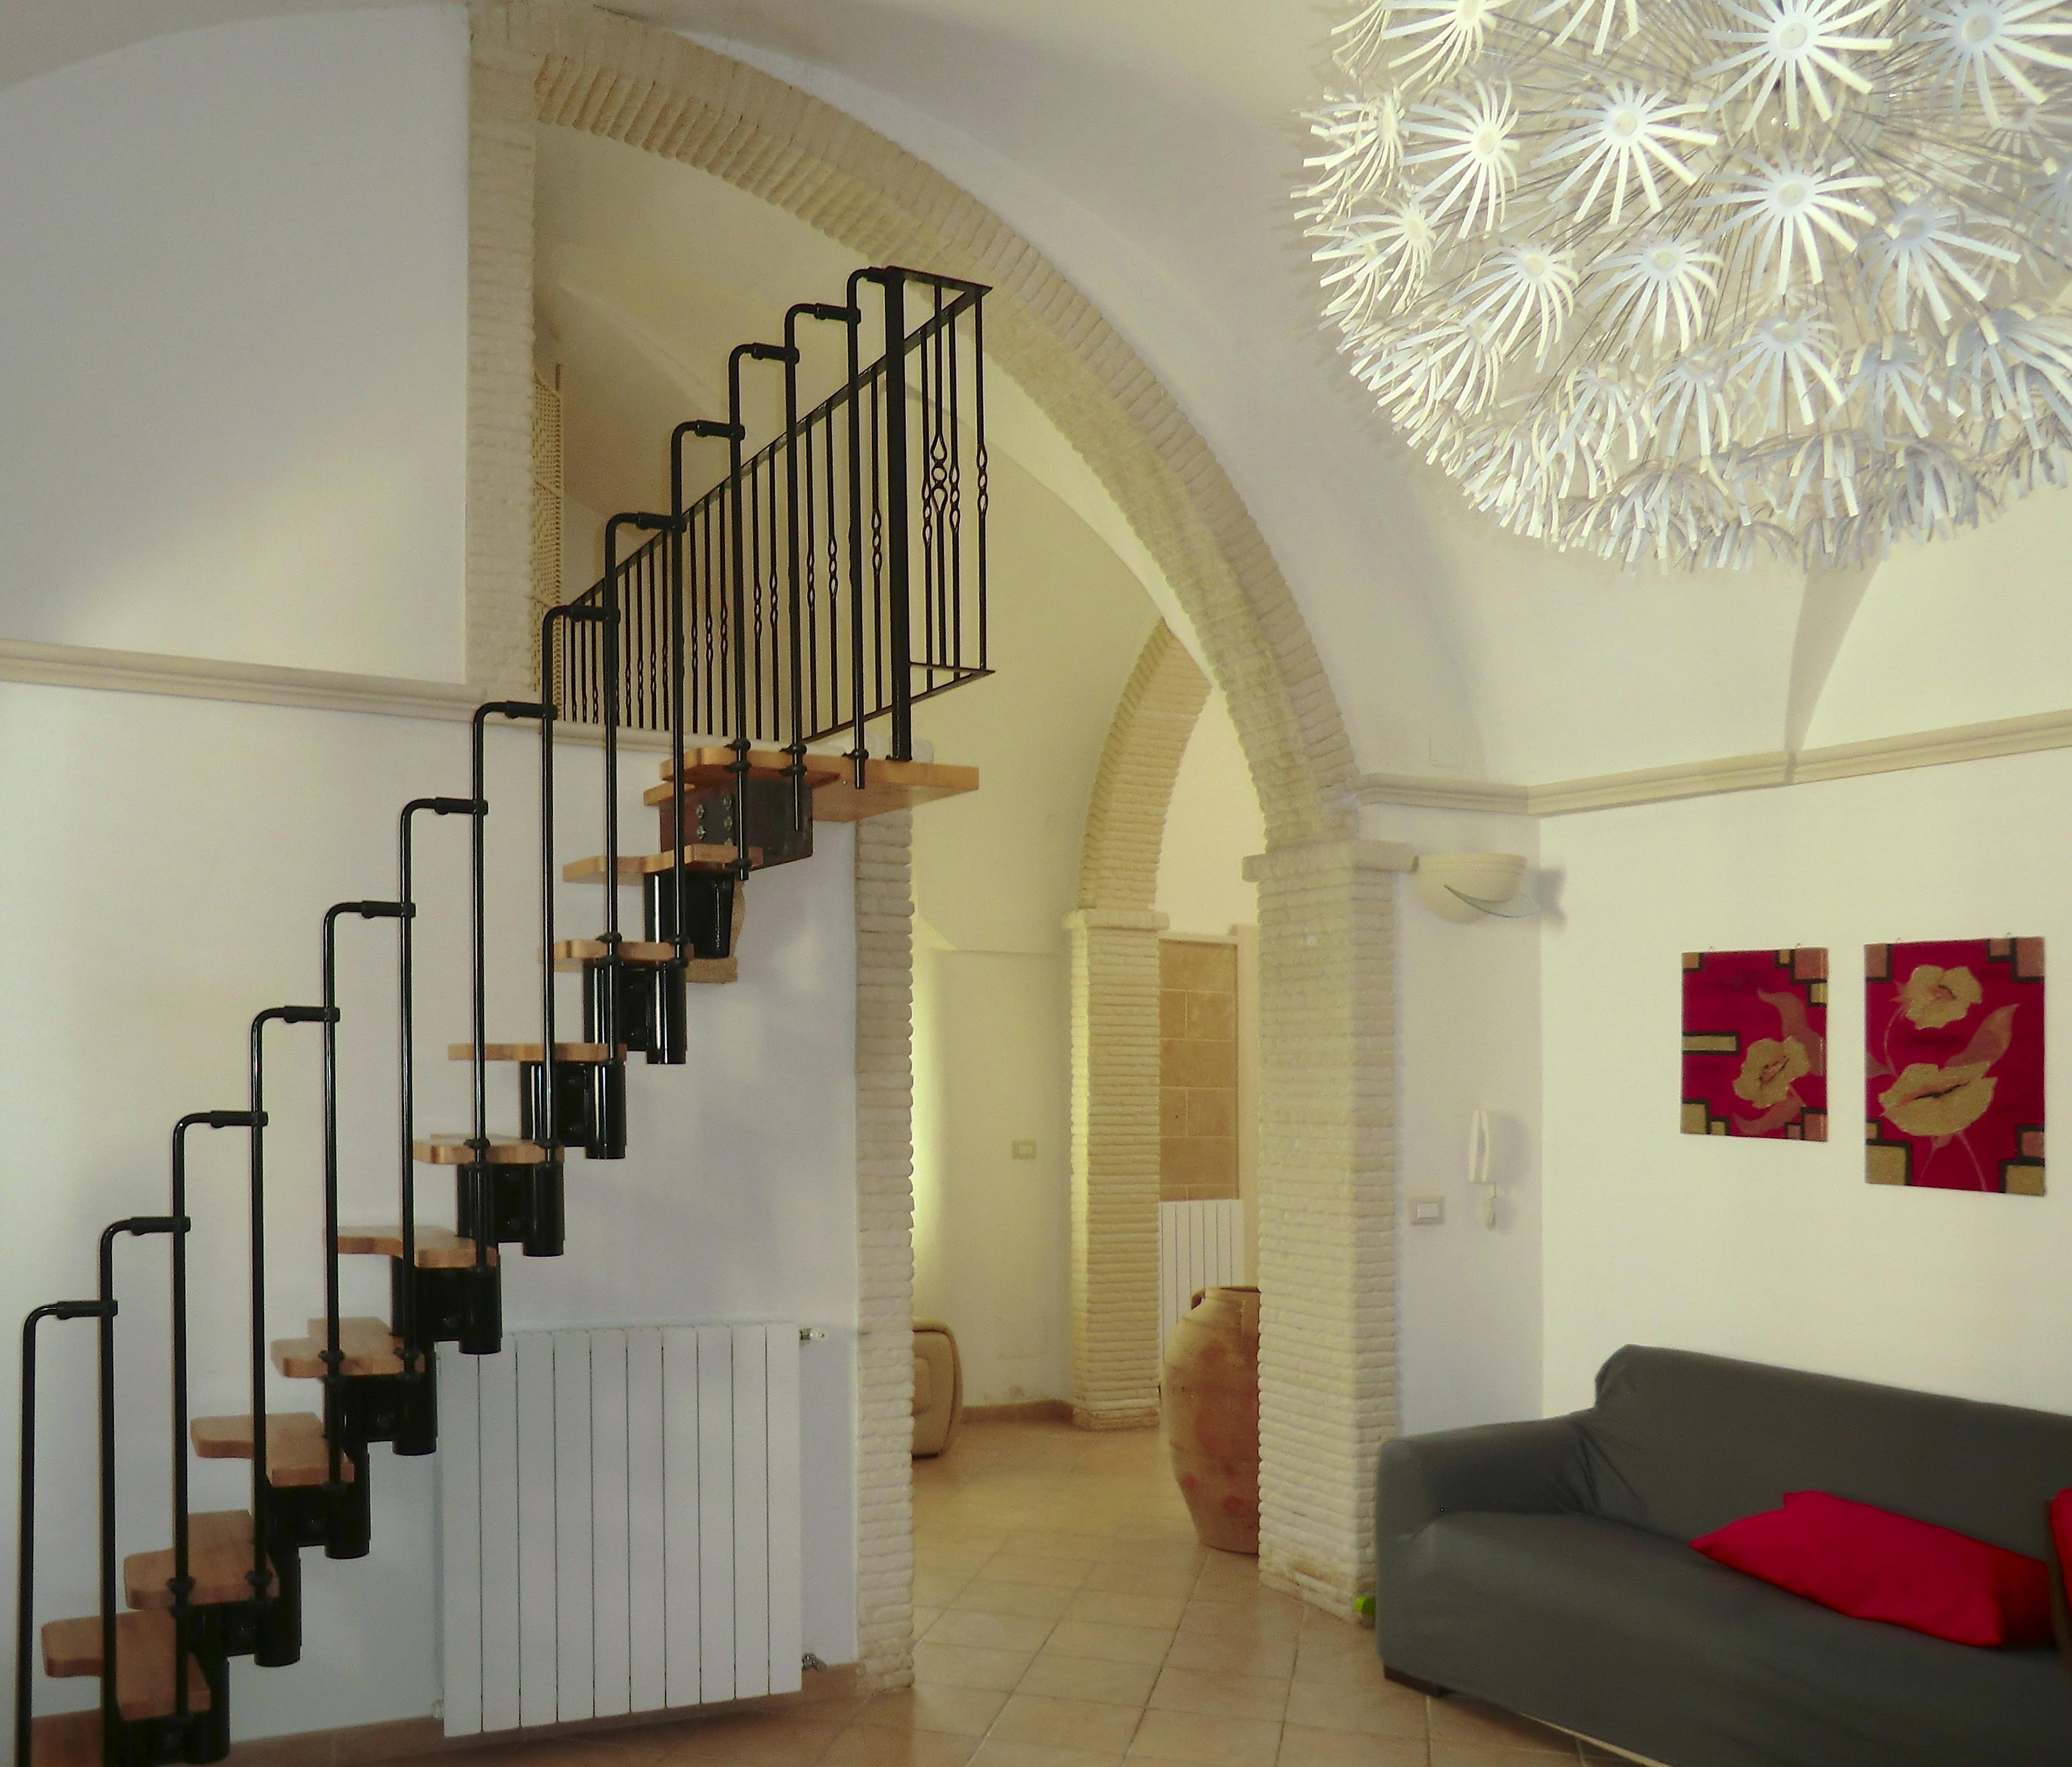 Arco pietra leccese rivestimento giorgio angele 39 - Mattoncini per rivestimento interno ...